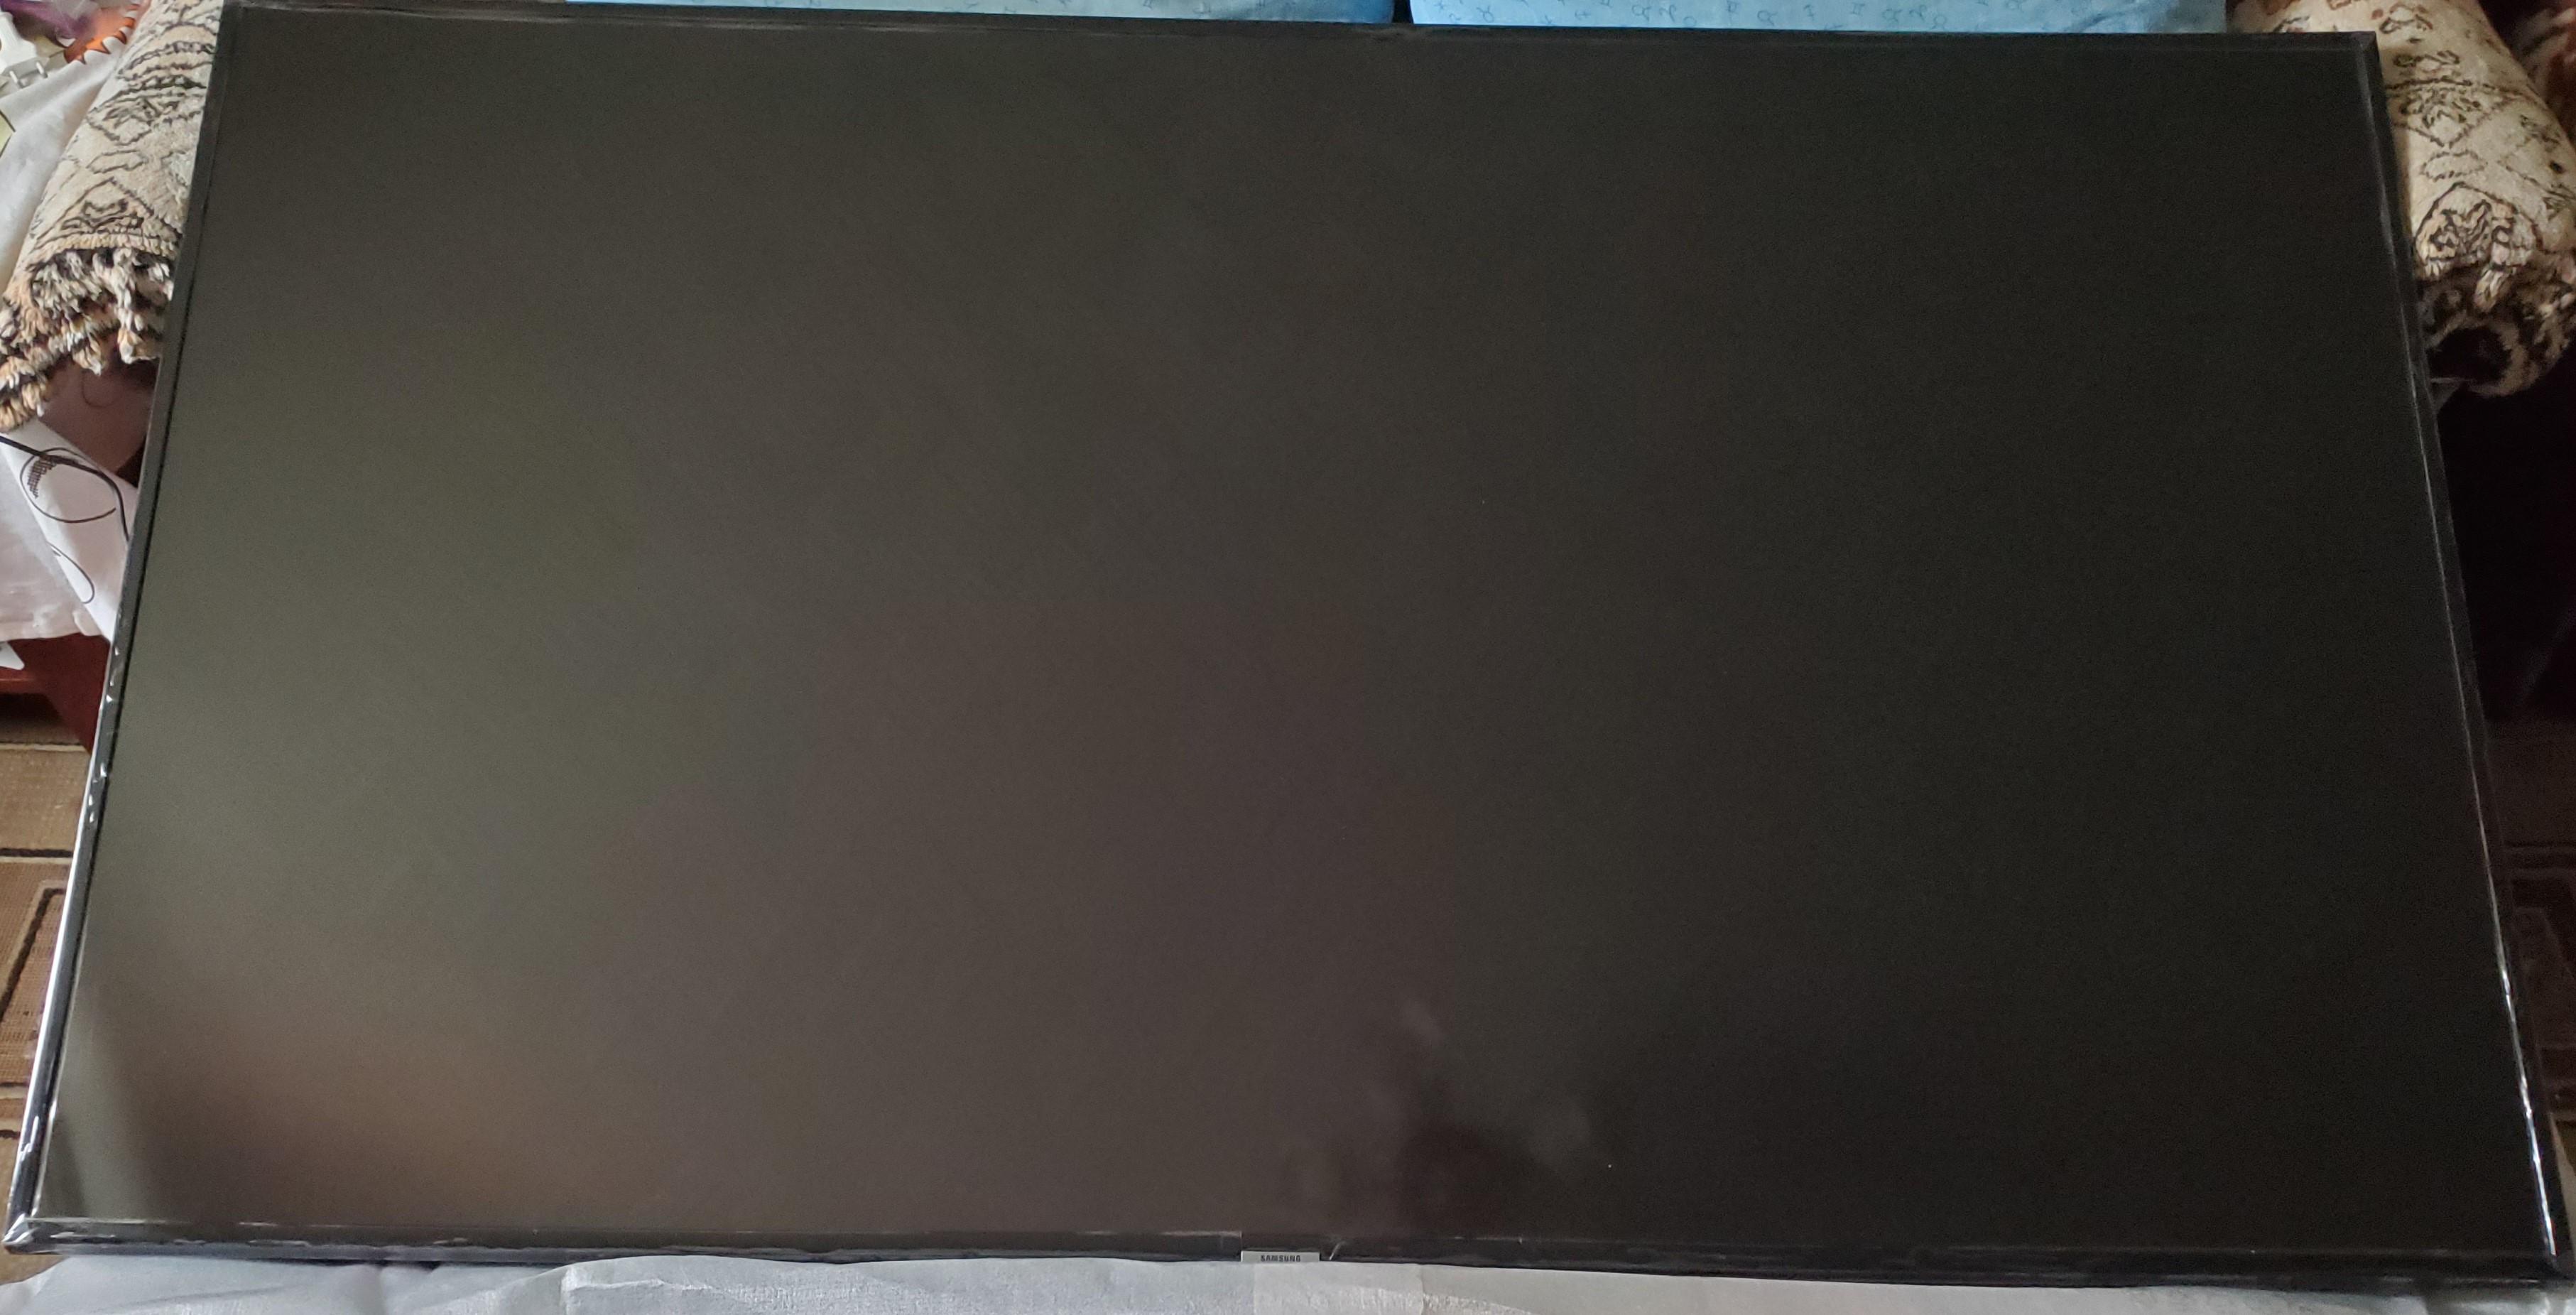 Обзор Ultra HD (4K) LED телевизора 65 Samsung UE65NU7090U